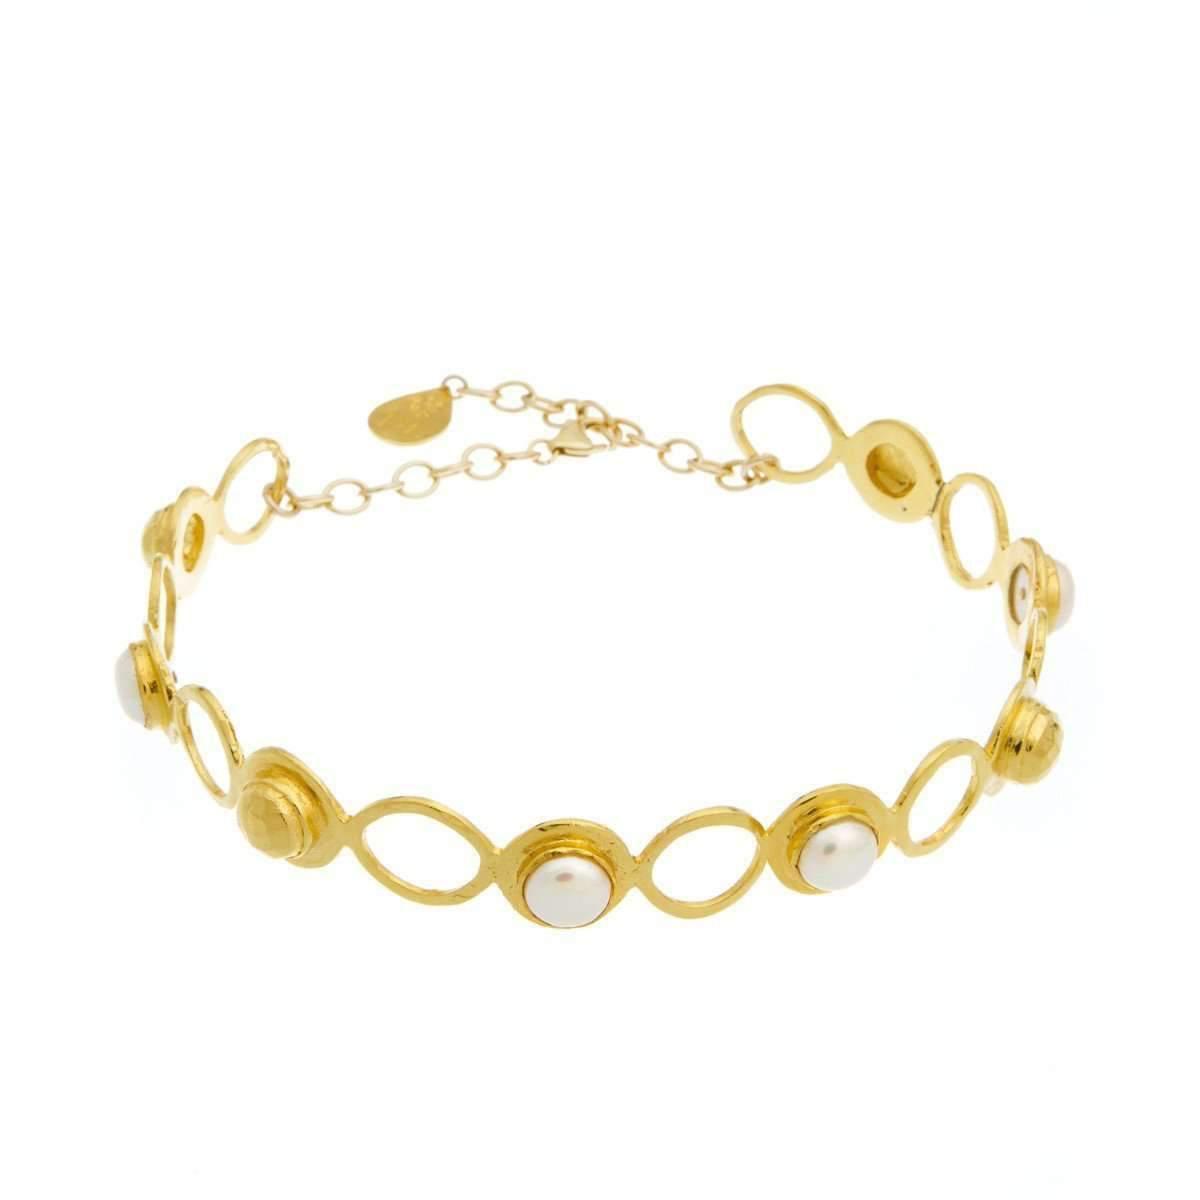 Devon Leigh Golden Coin Charm Bracelet aYiSg